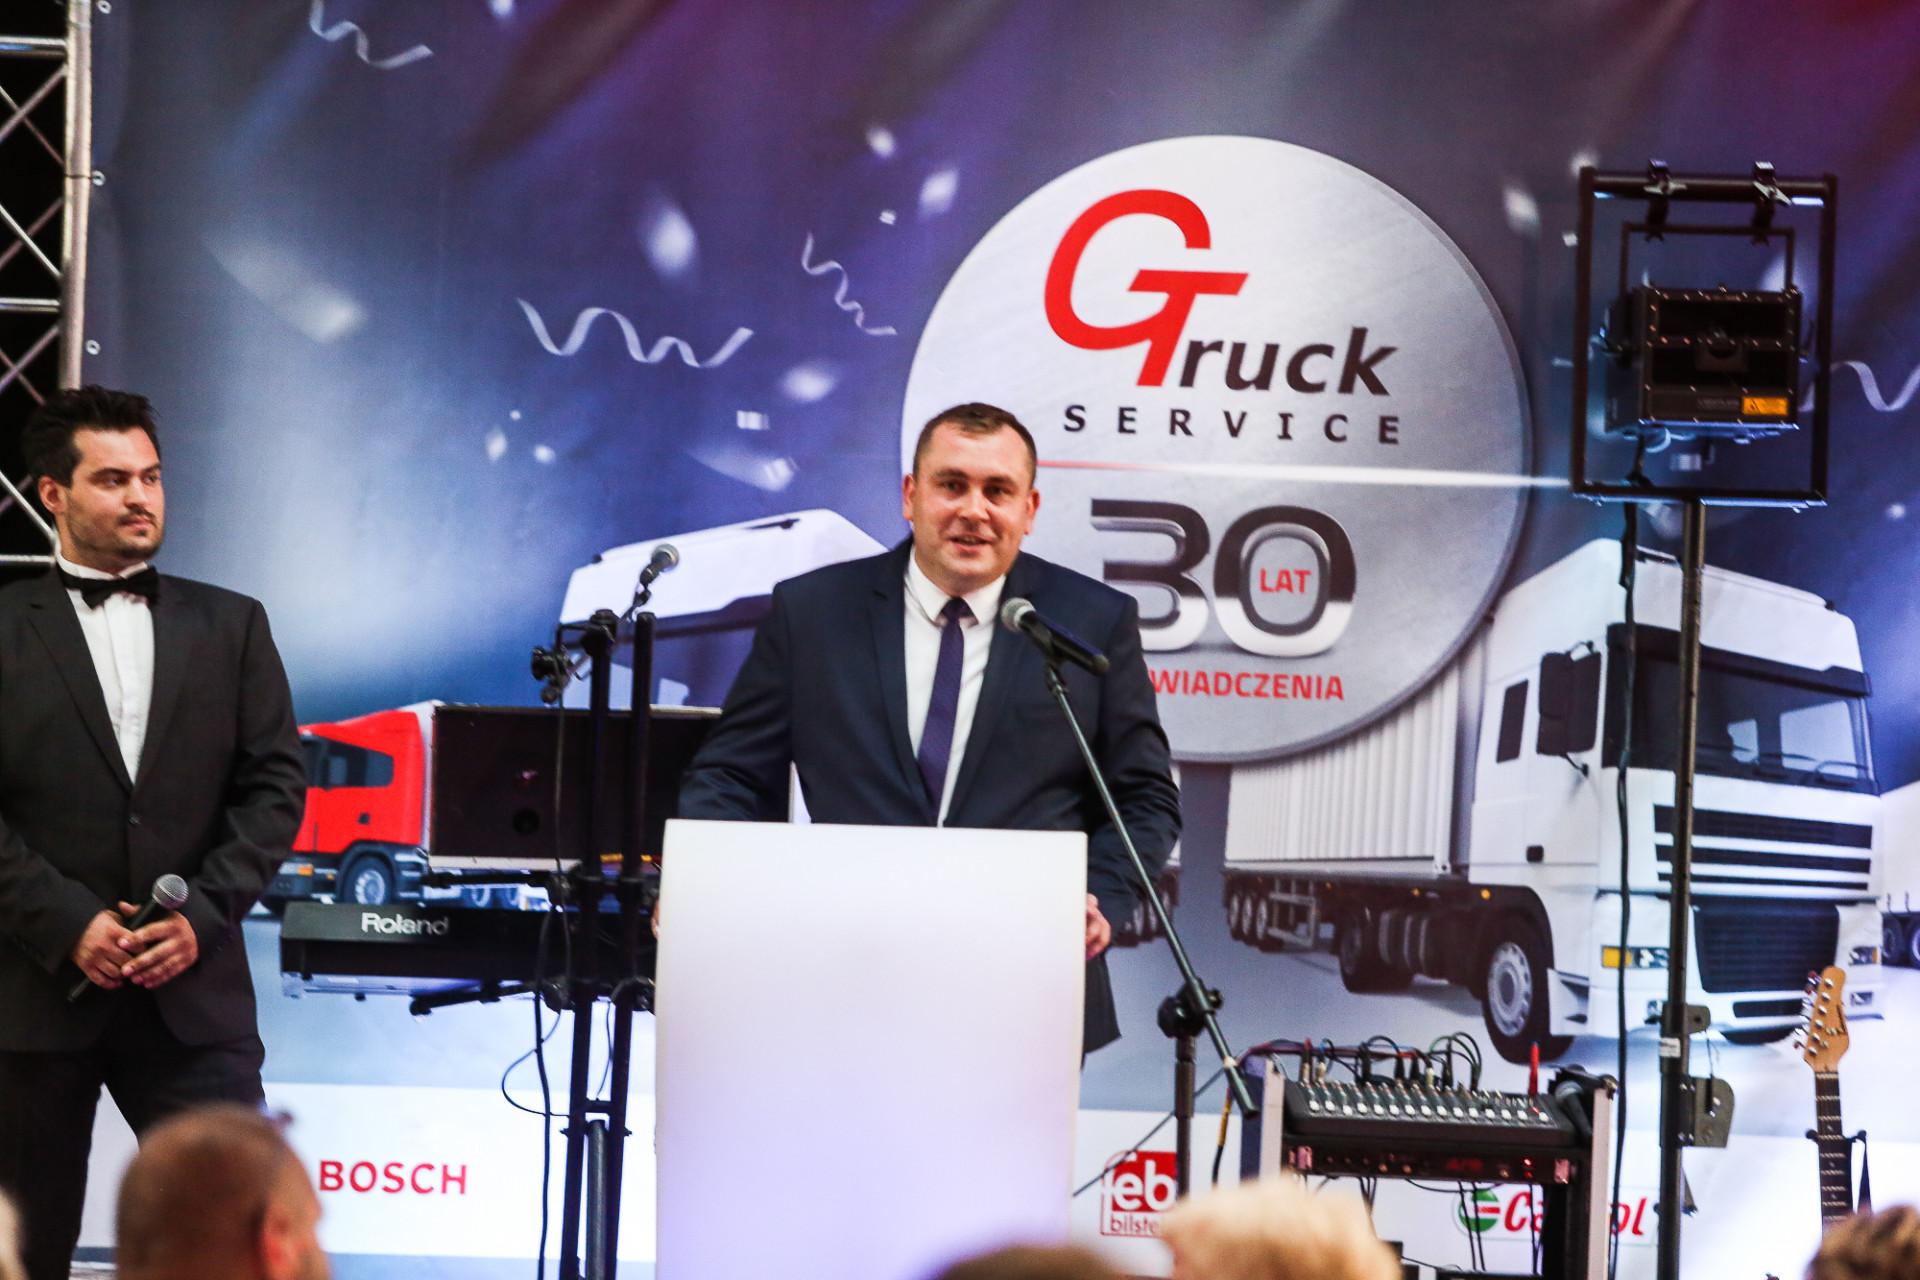 GTruck-176.jpg